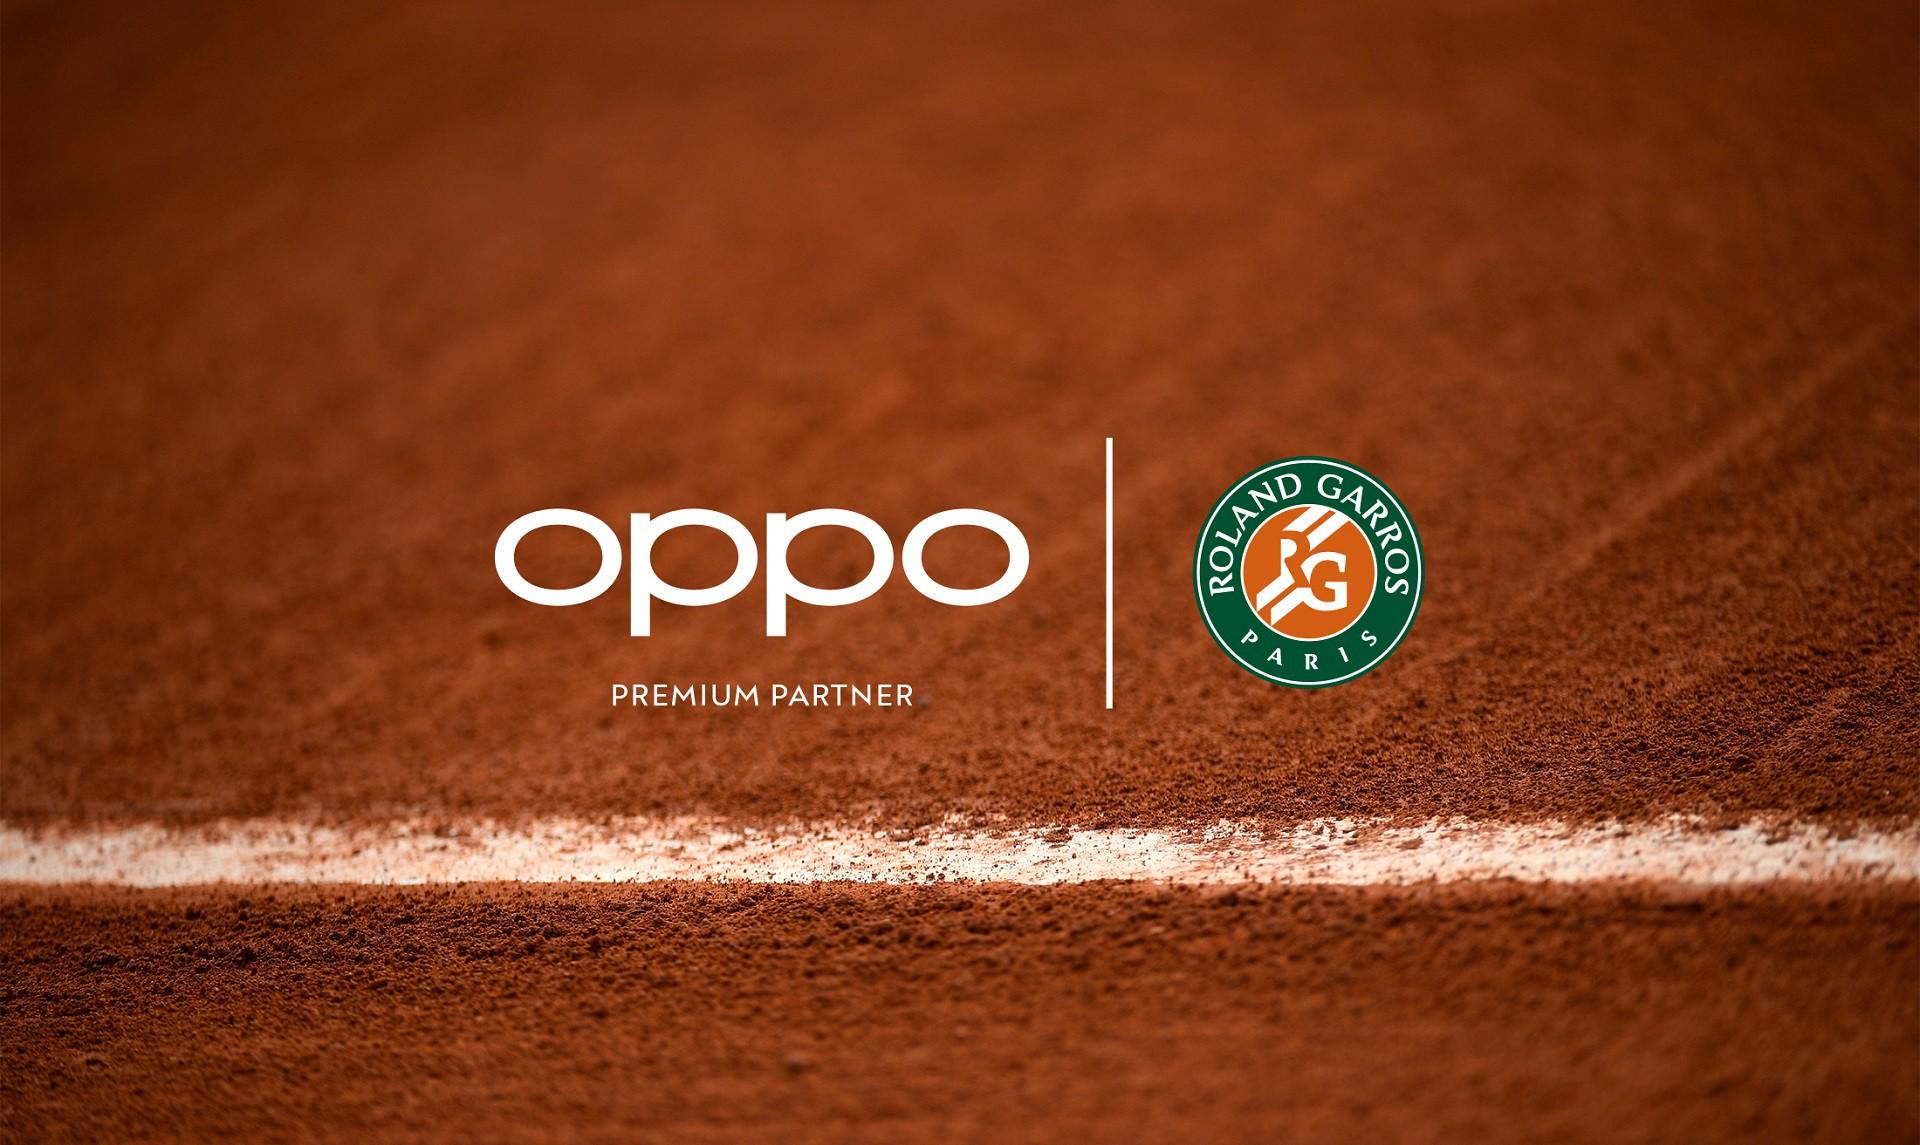 OPPO trở thành đối tác cao cấp của ba giải quần vợt danh giá Wimbledon, Roland-Garros và Rolex Paris Masters - Ảnh 1.